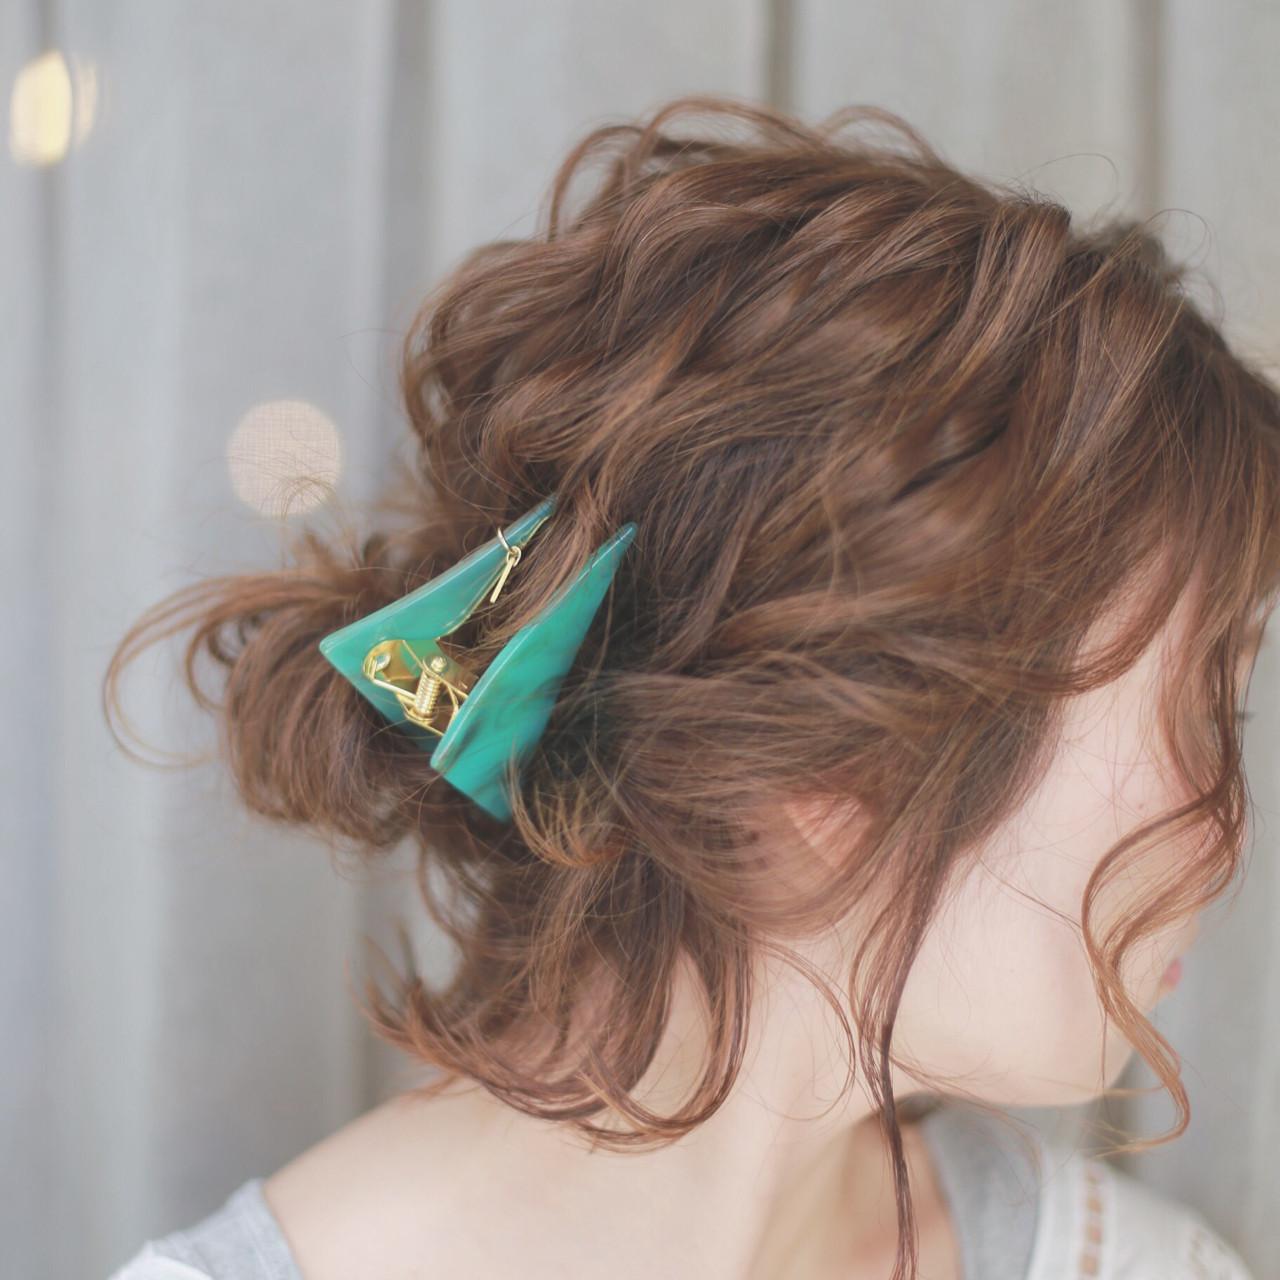 ヘアアレンジ 簡単ヘアアレンジ ショート アッシュ ヘアスタイルや髪型の写真・画像